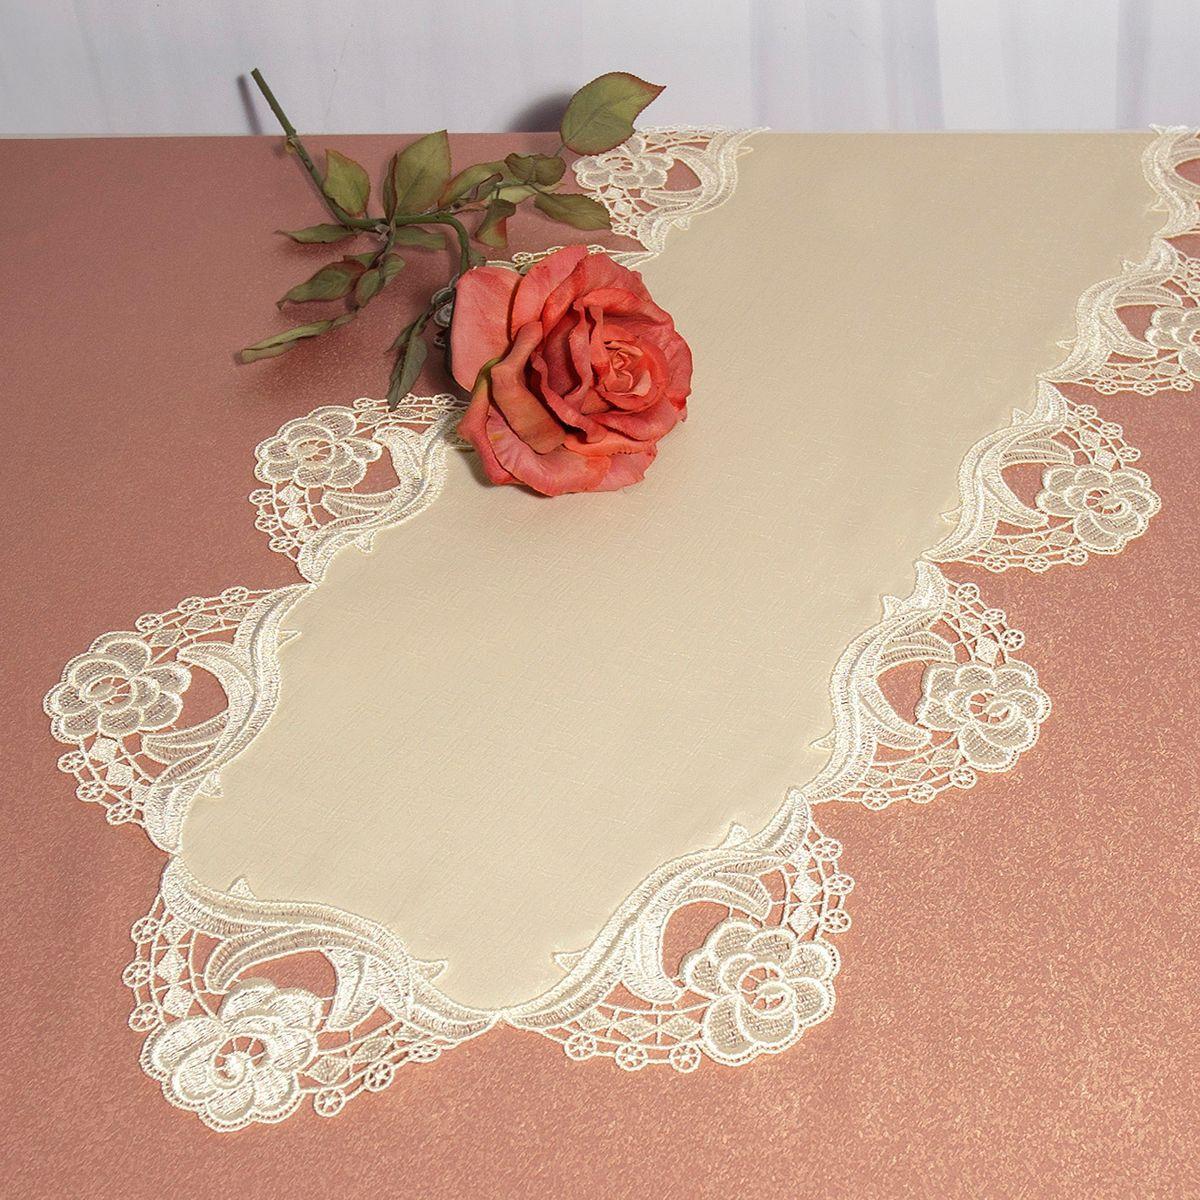 Дорожка для декорирования стола Schaefer, 40 x 90 см, цвет: розовый. 3015 дорожка 900 1500мм